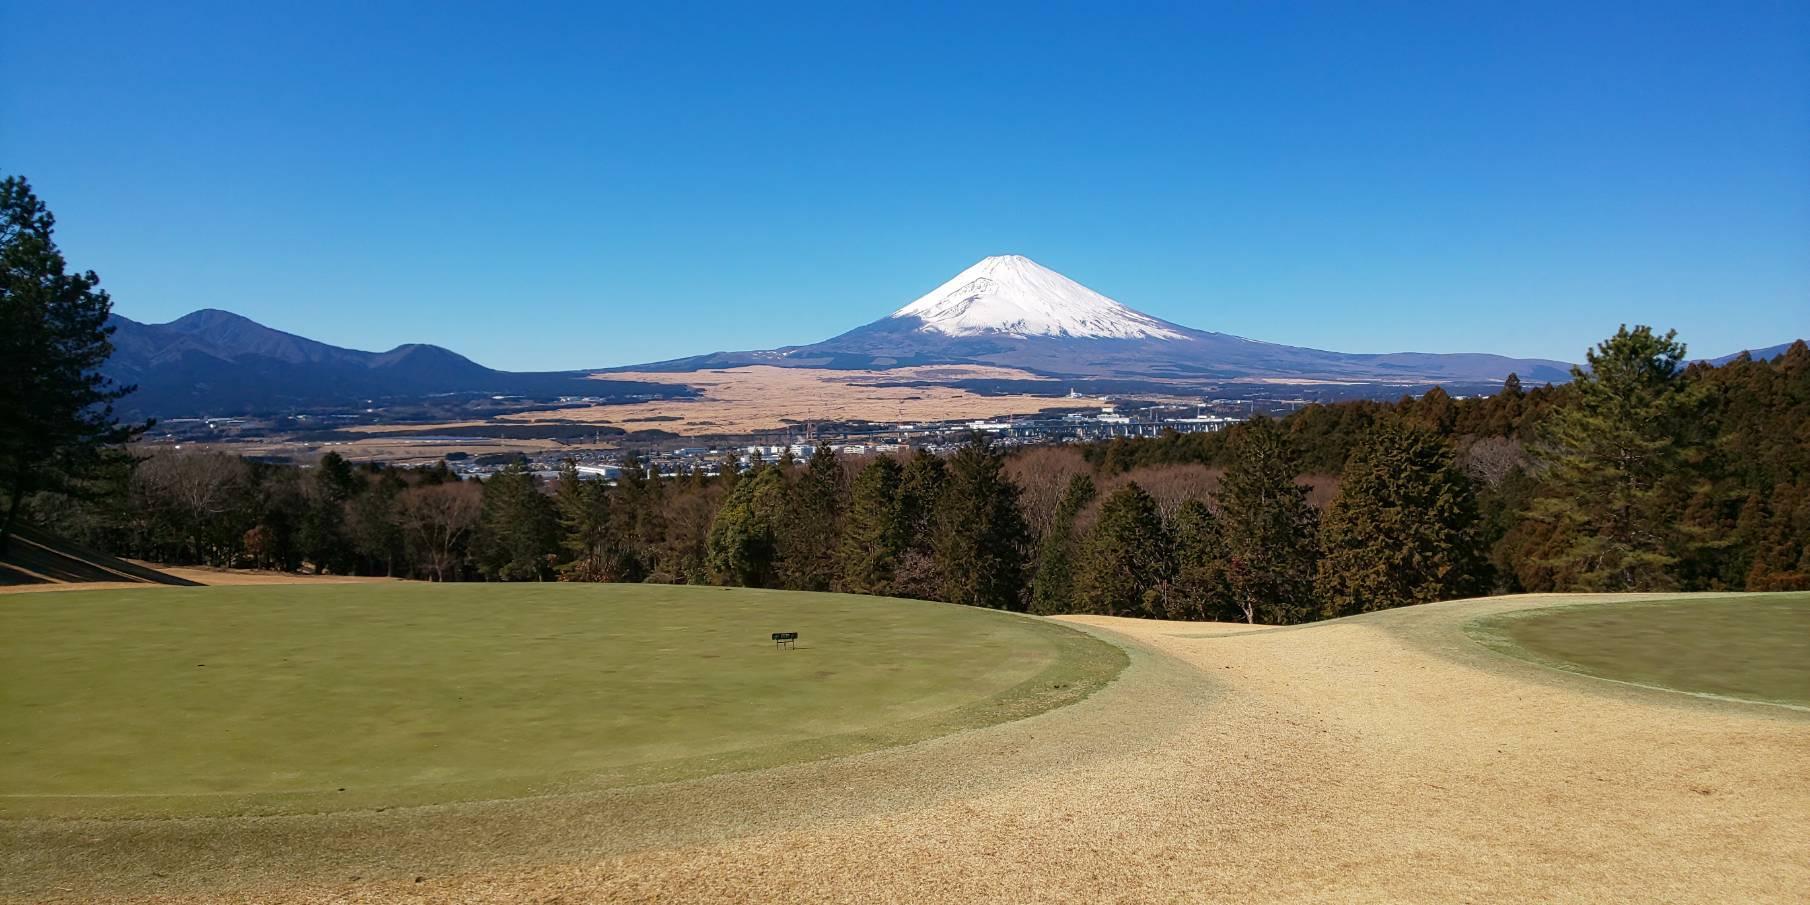 富士山絶景とゴルフプレーを楽しんで来ました♪